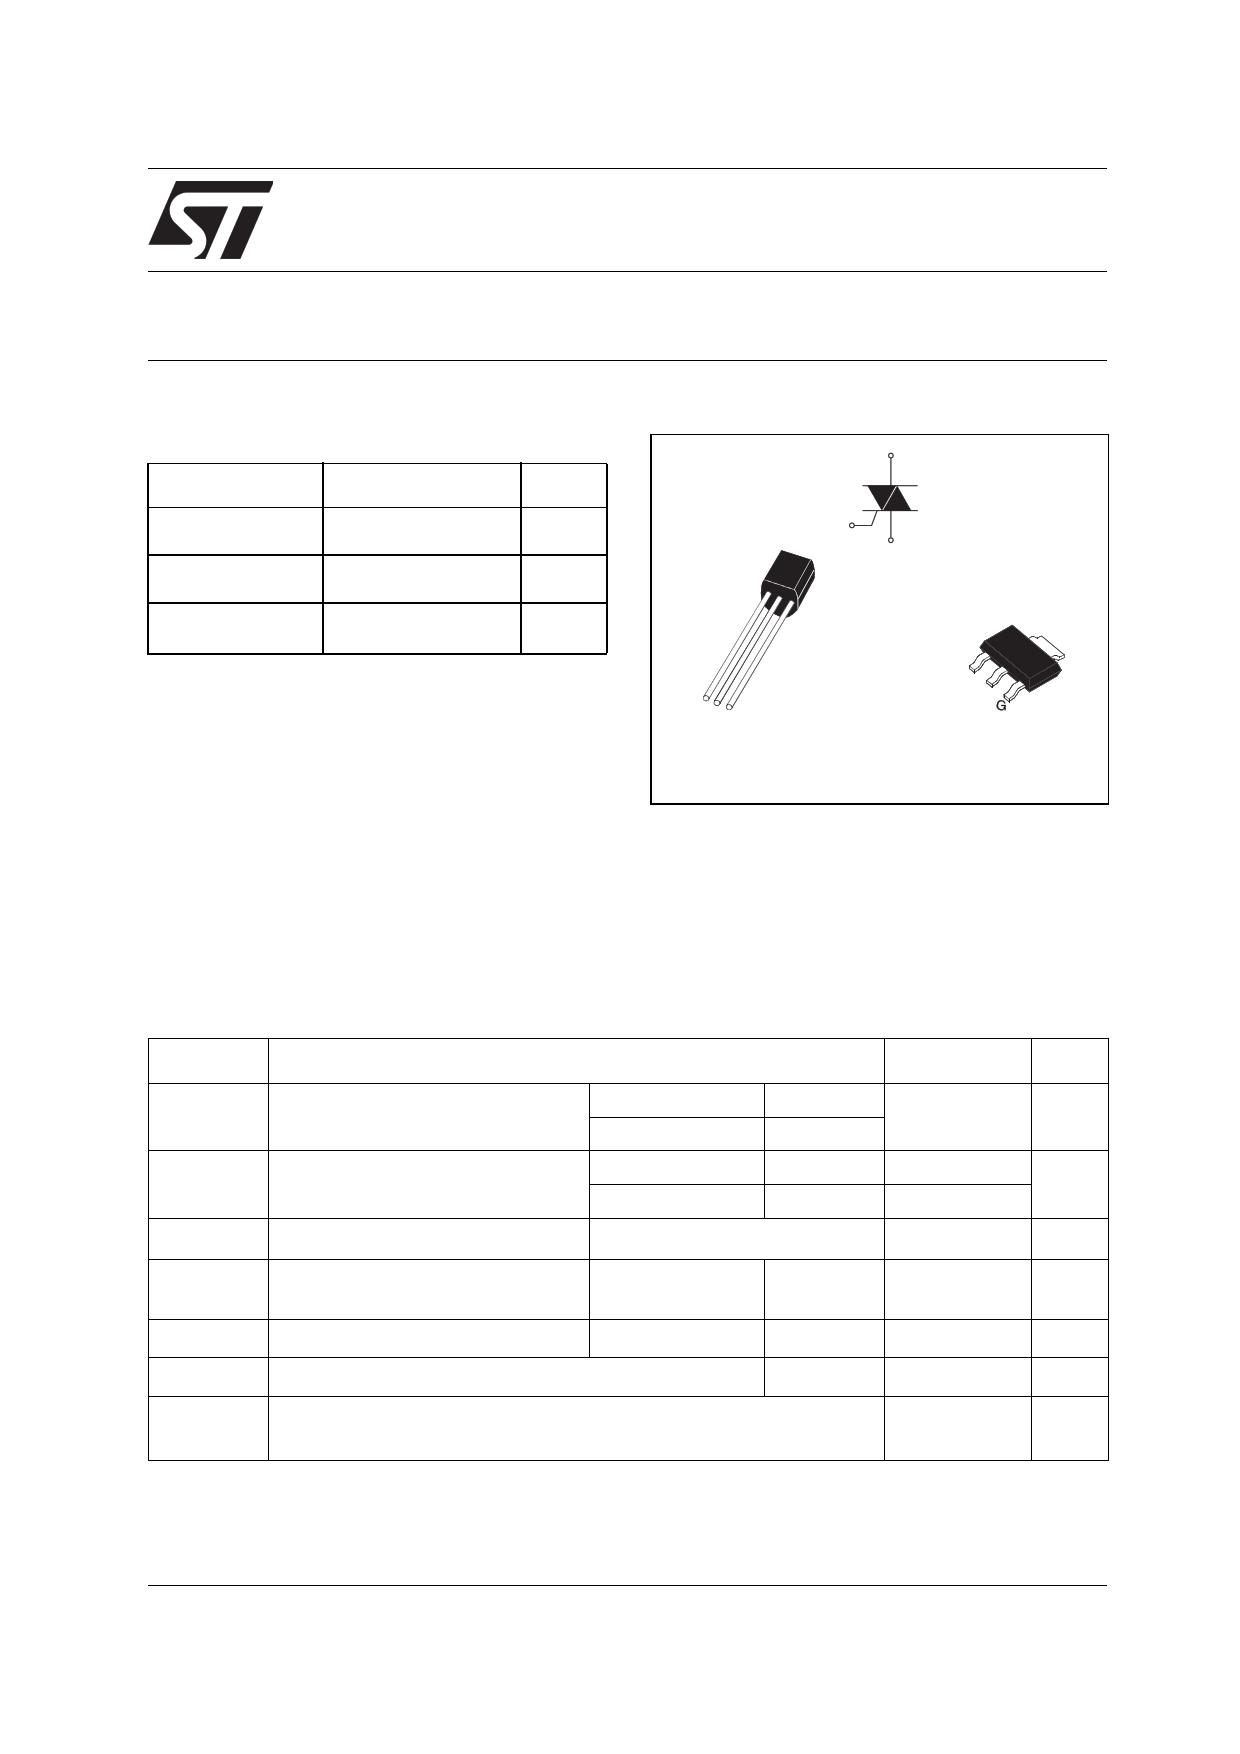 Z0107SA5AA4 datasheet